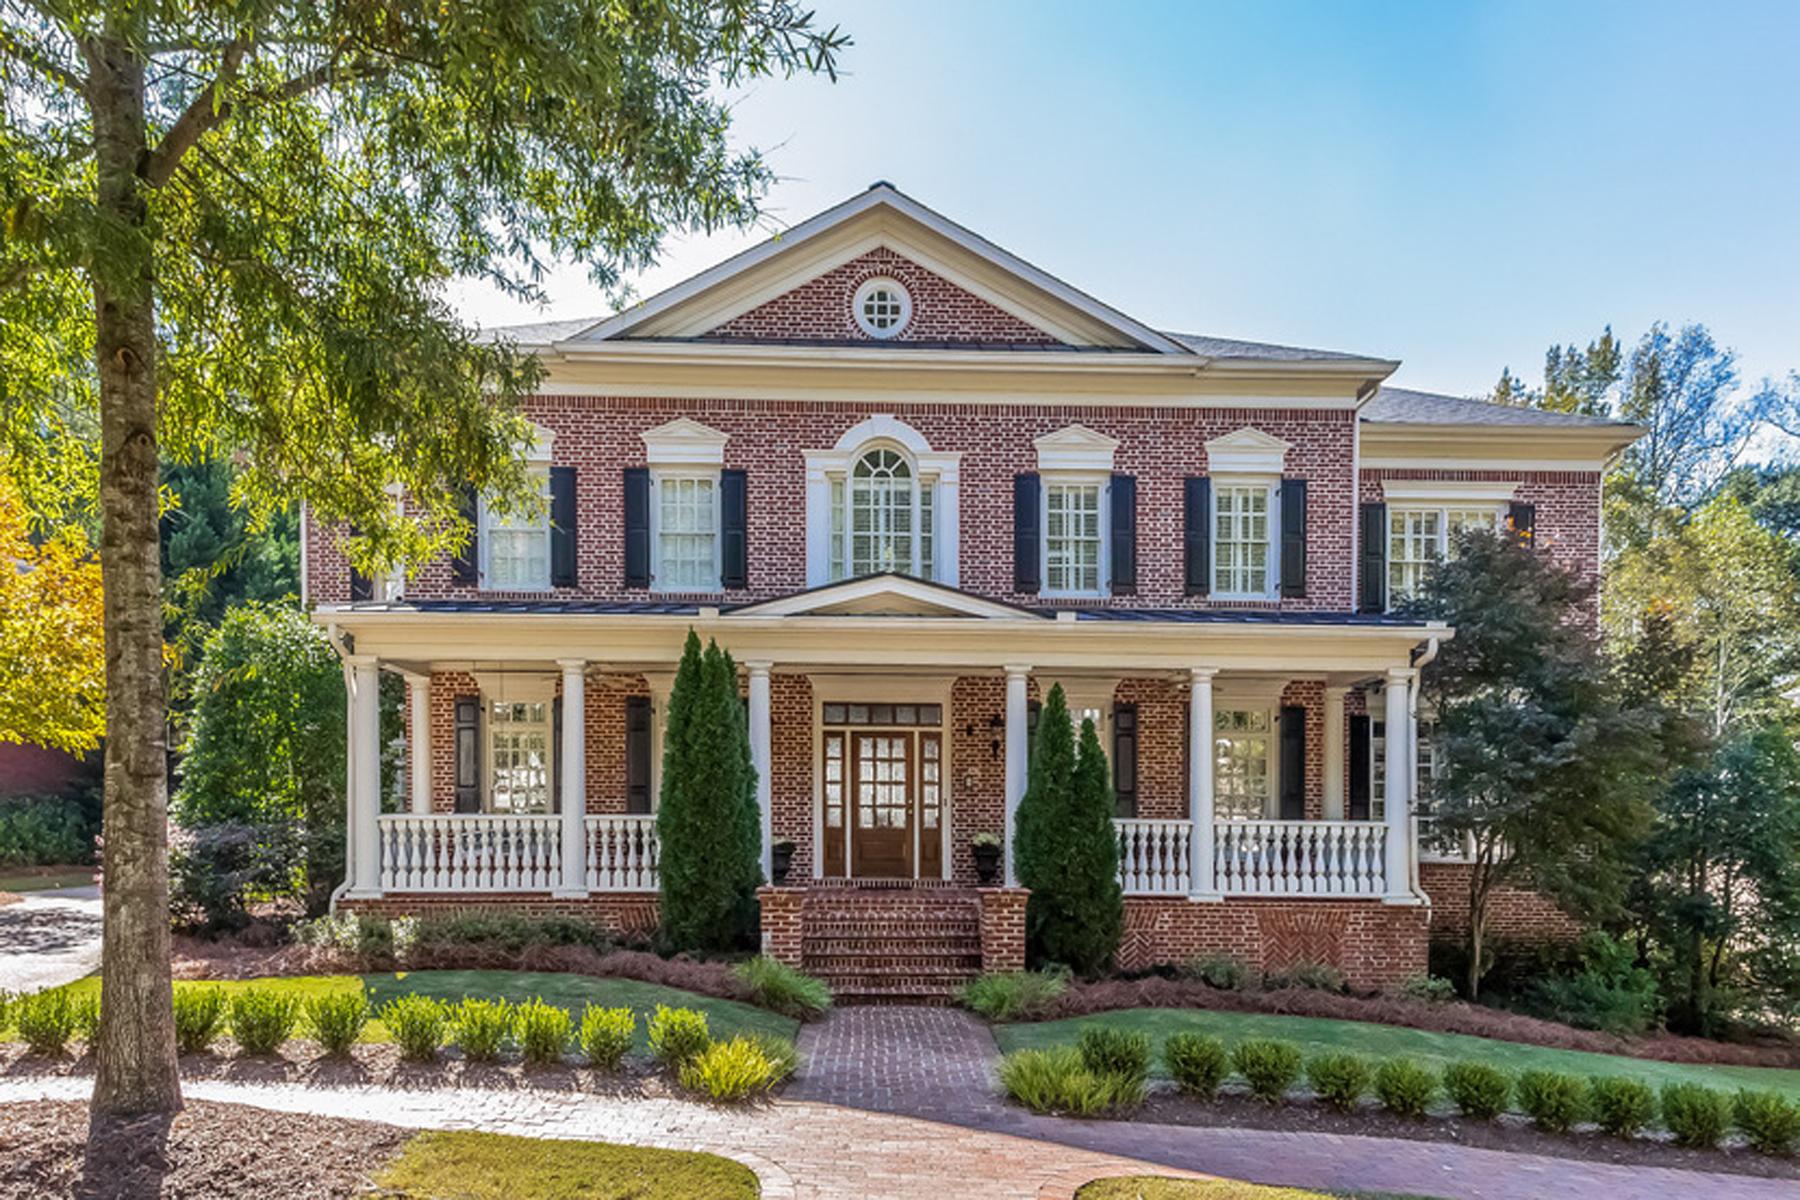 Villa per Vendita alle ore Beautiful Colonial residence located in the prestigious gated community of Ellar 3142 E Addison Drive Alpharetta, Georgia, 30022 Stati Uniti